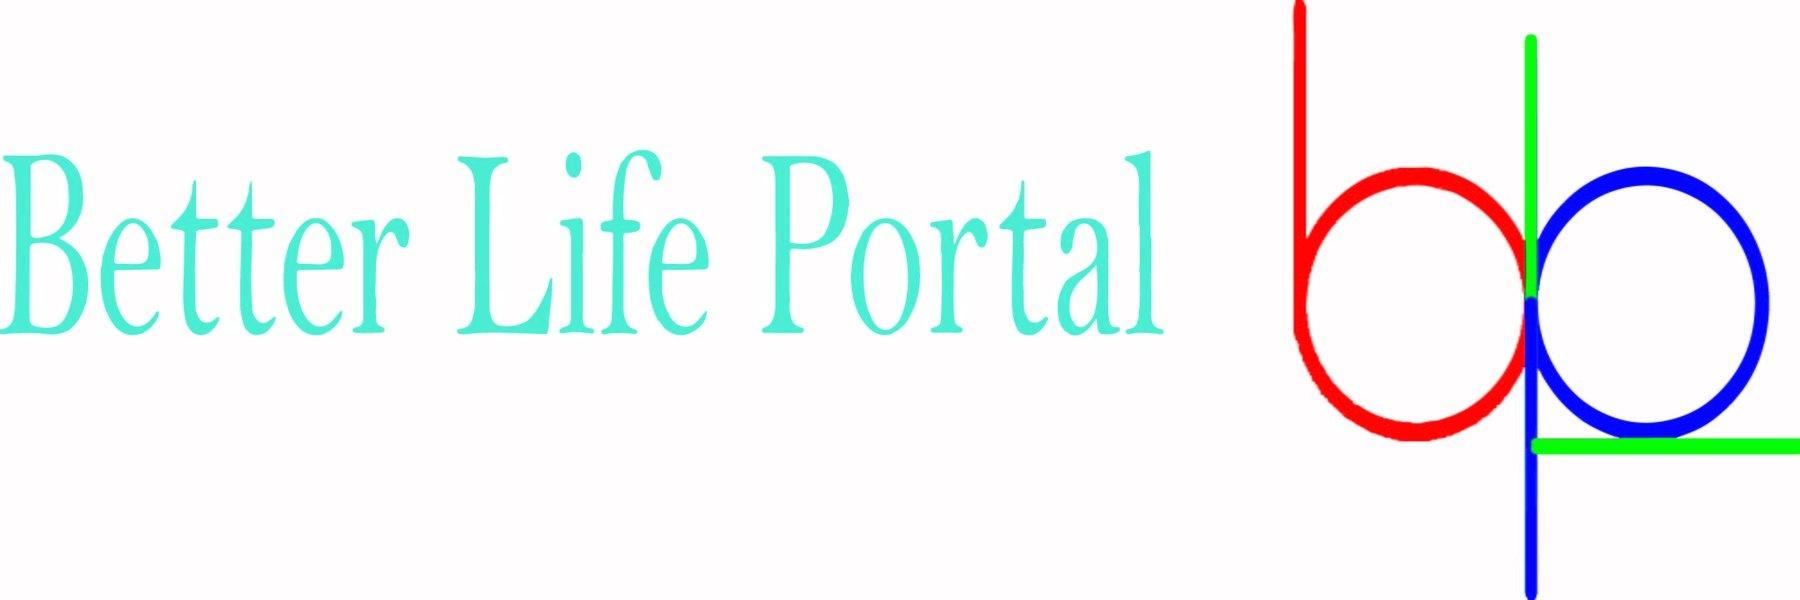 Better Life Portal (@betterlifeportal) Cover Image